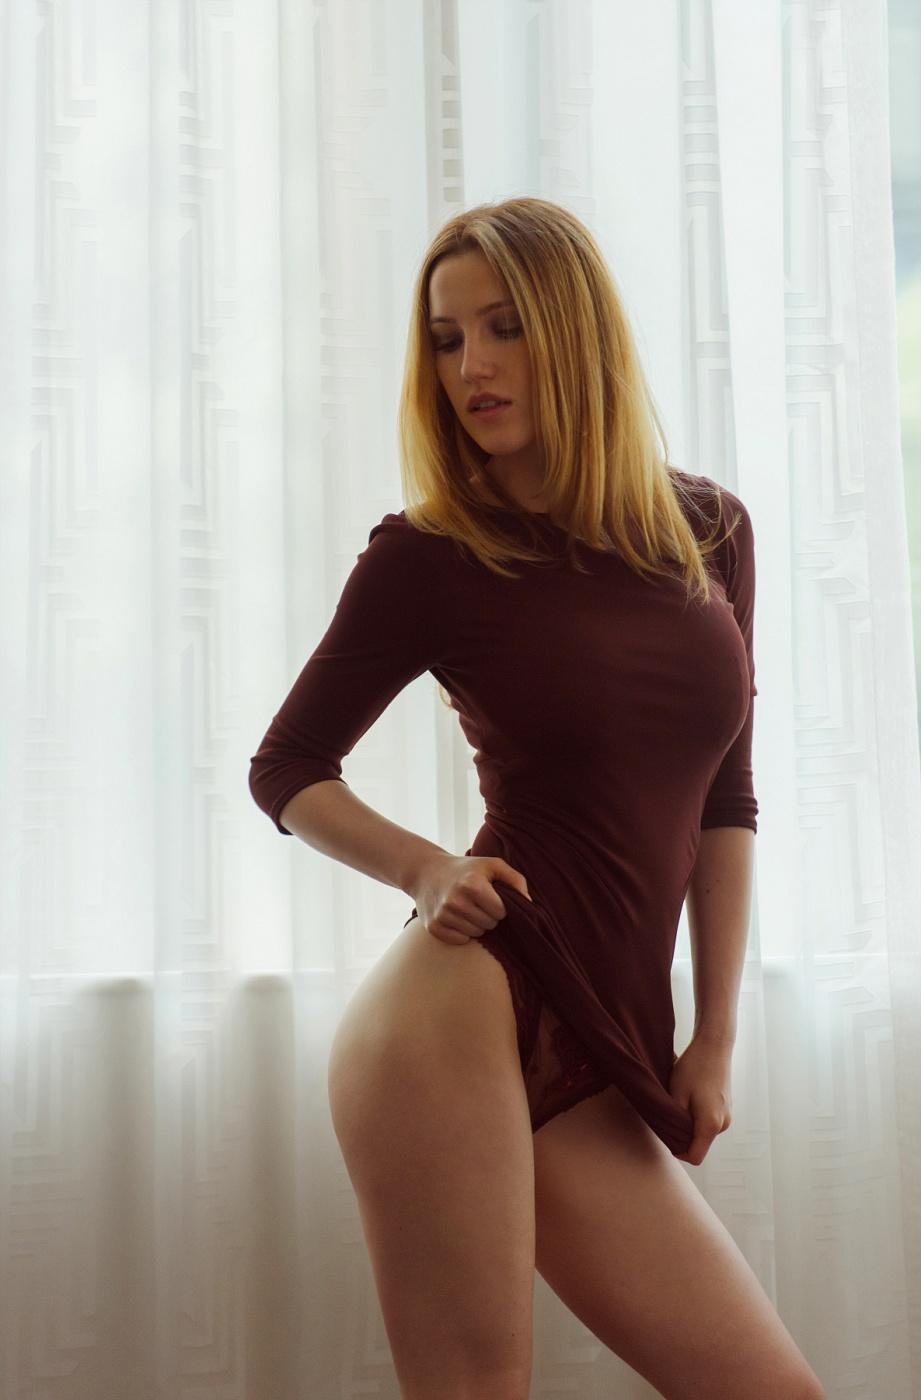 Lylah Stone